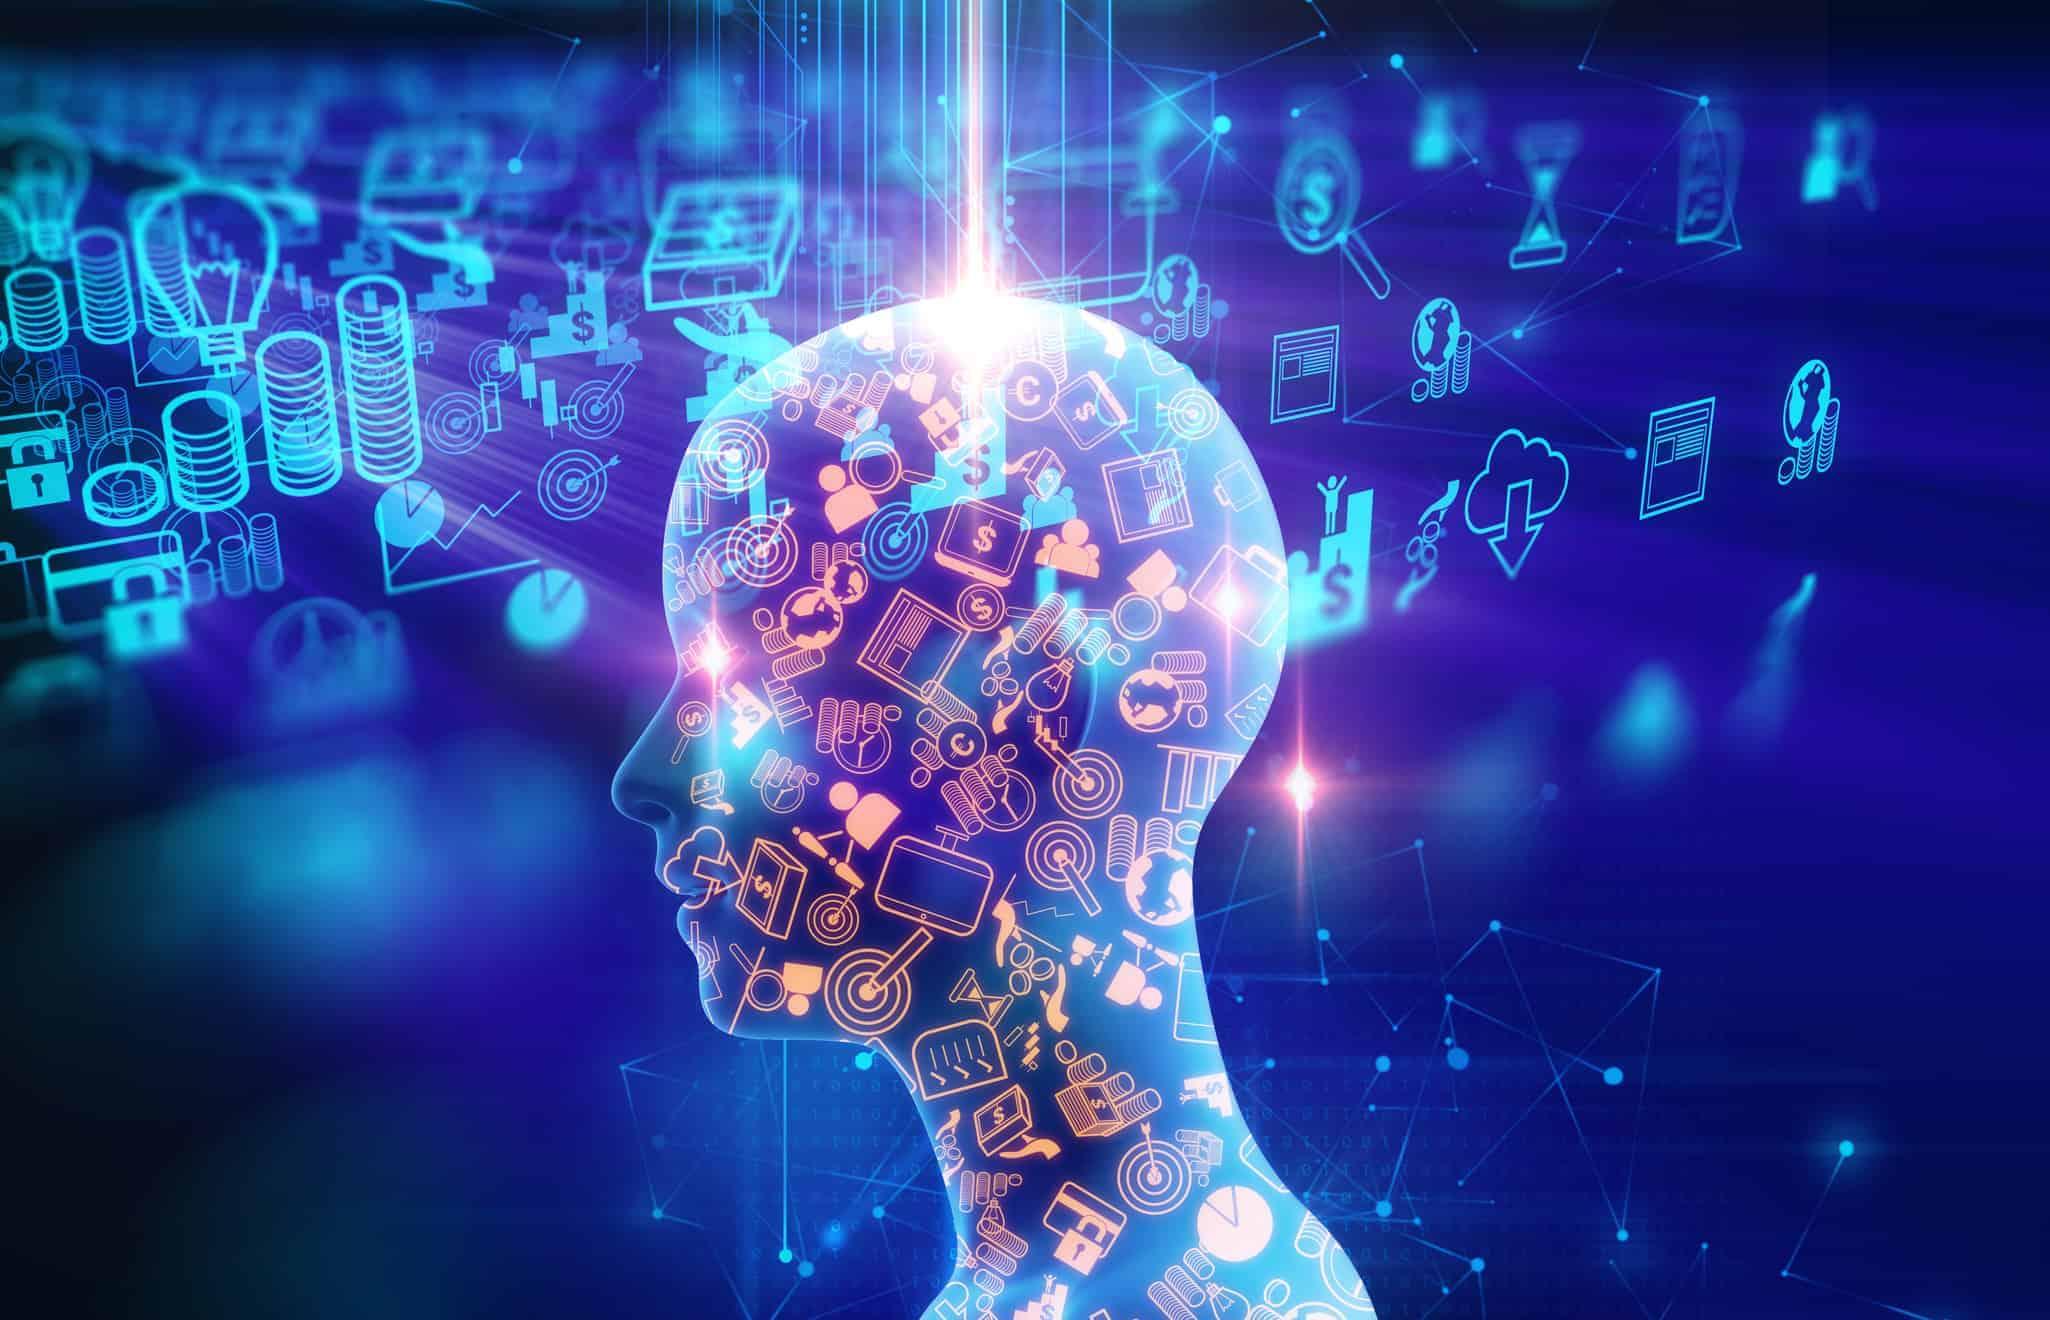 اختبار جديد مدعوم بالذكاء الاصطناعي لمعرفة عمرك النفسي - برنامج ذكي قادر على التنبؤ بعمرك النفسي - استخدام الجوانب النفسية لتوقع العمر